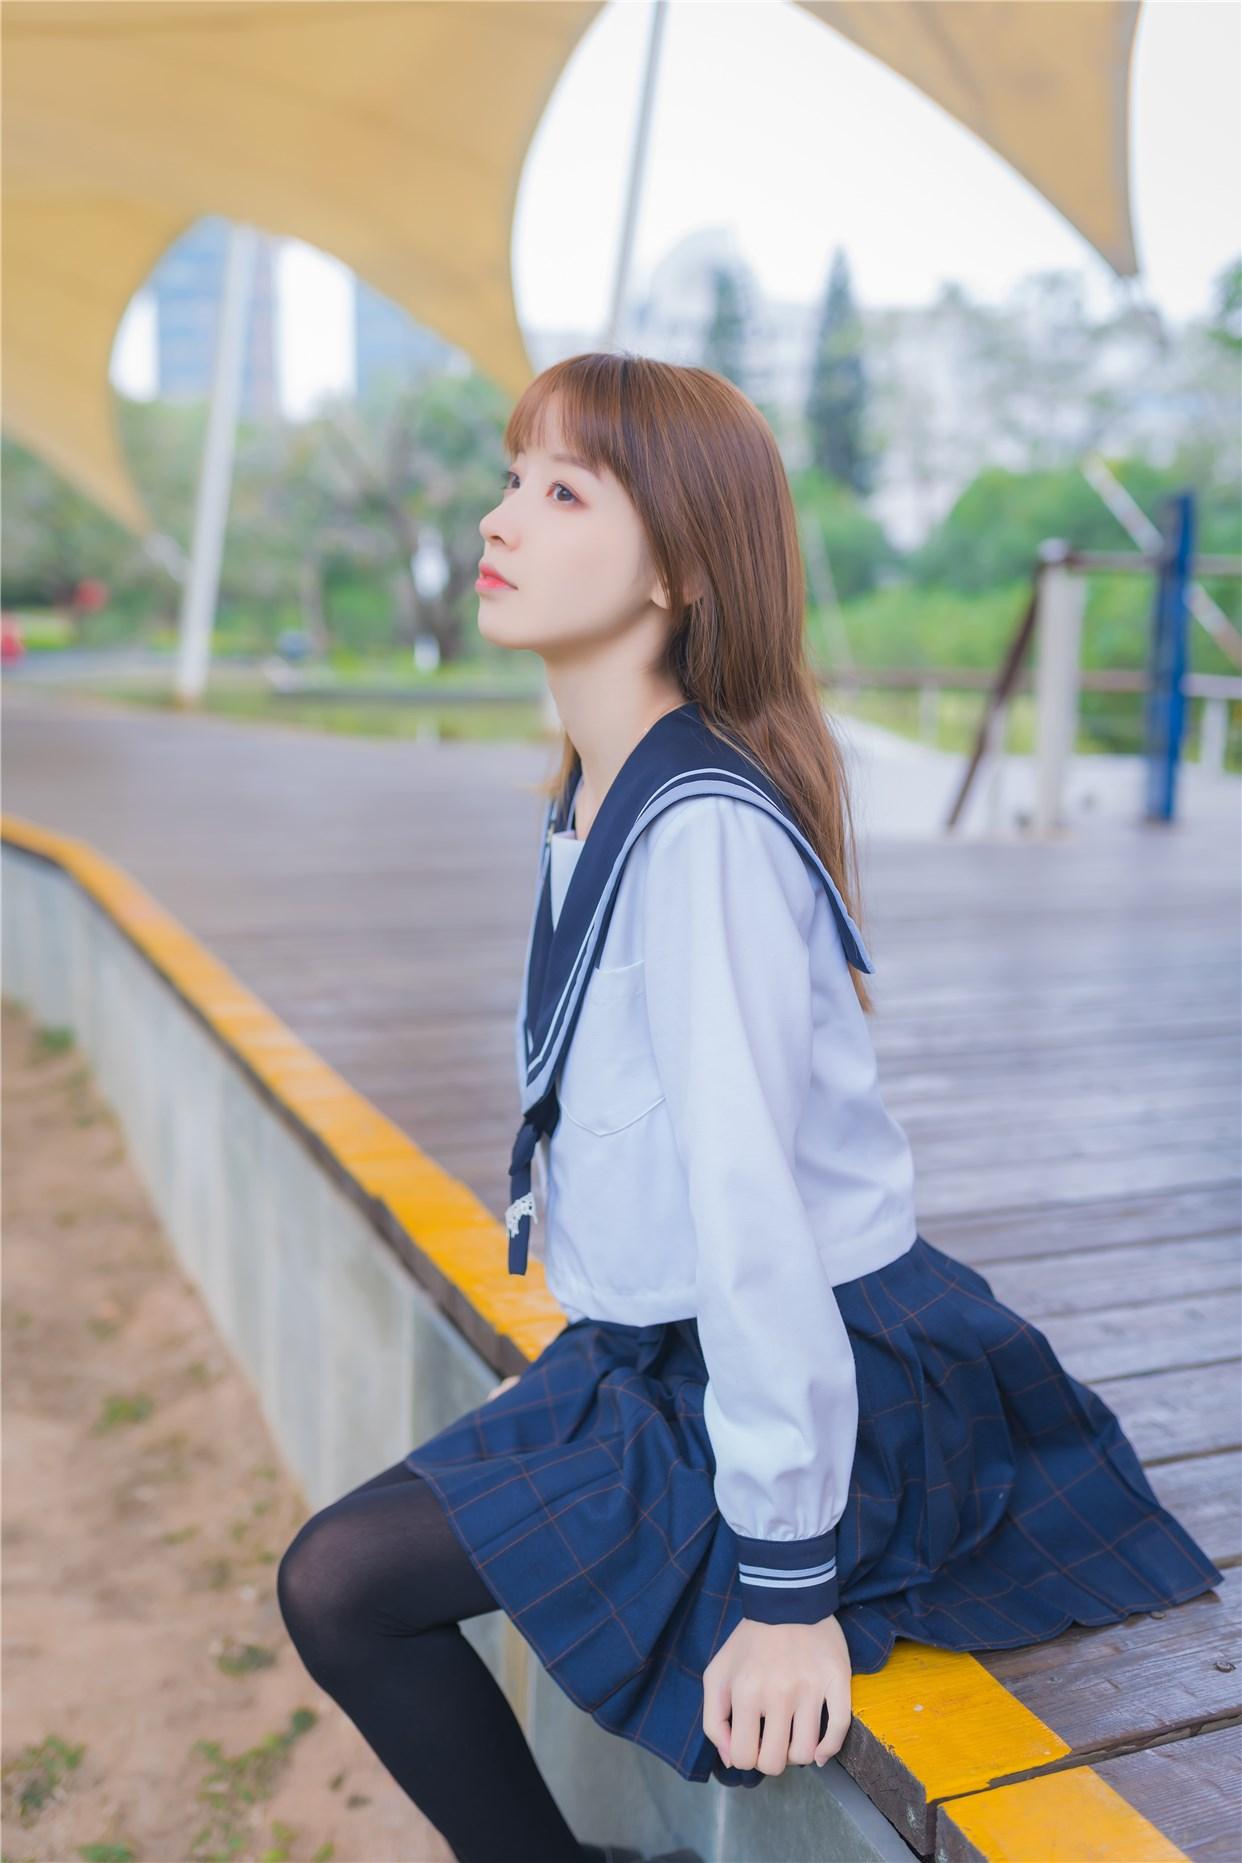 【兔玩映画】小清新JK少女 兔玩映画 第1张